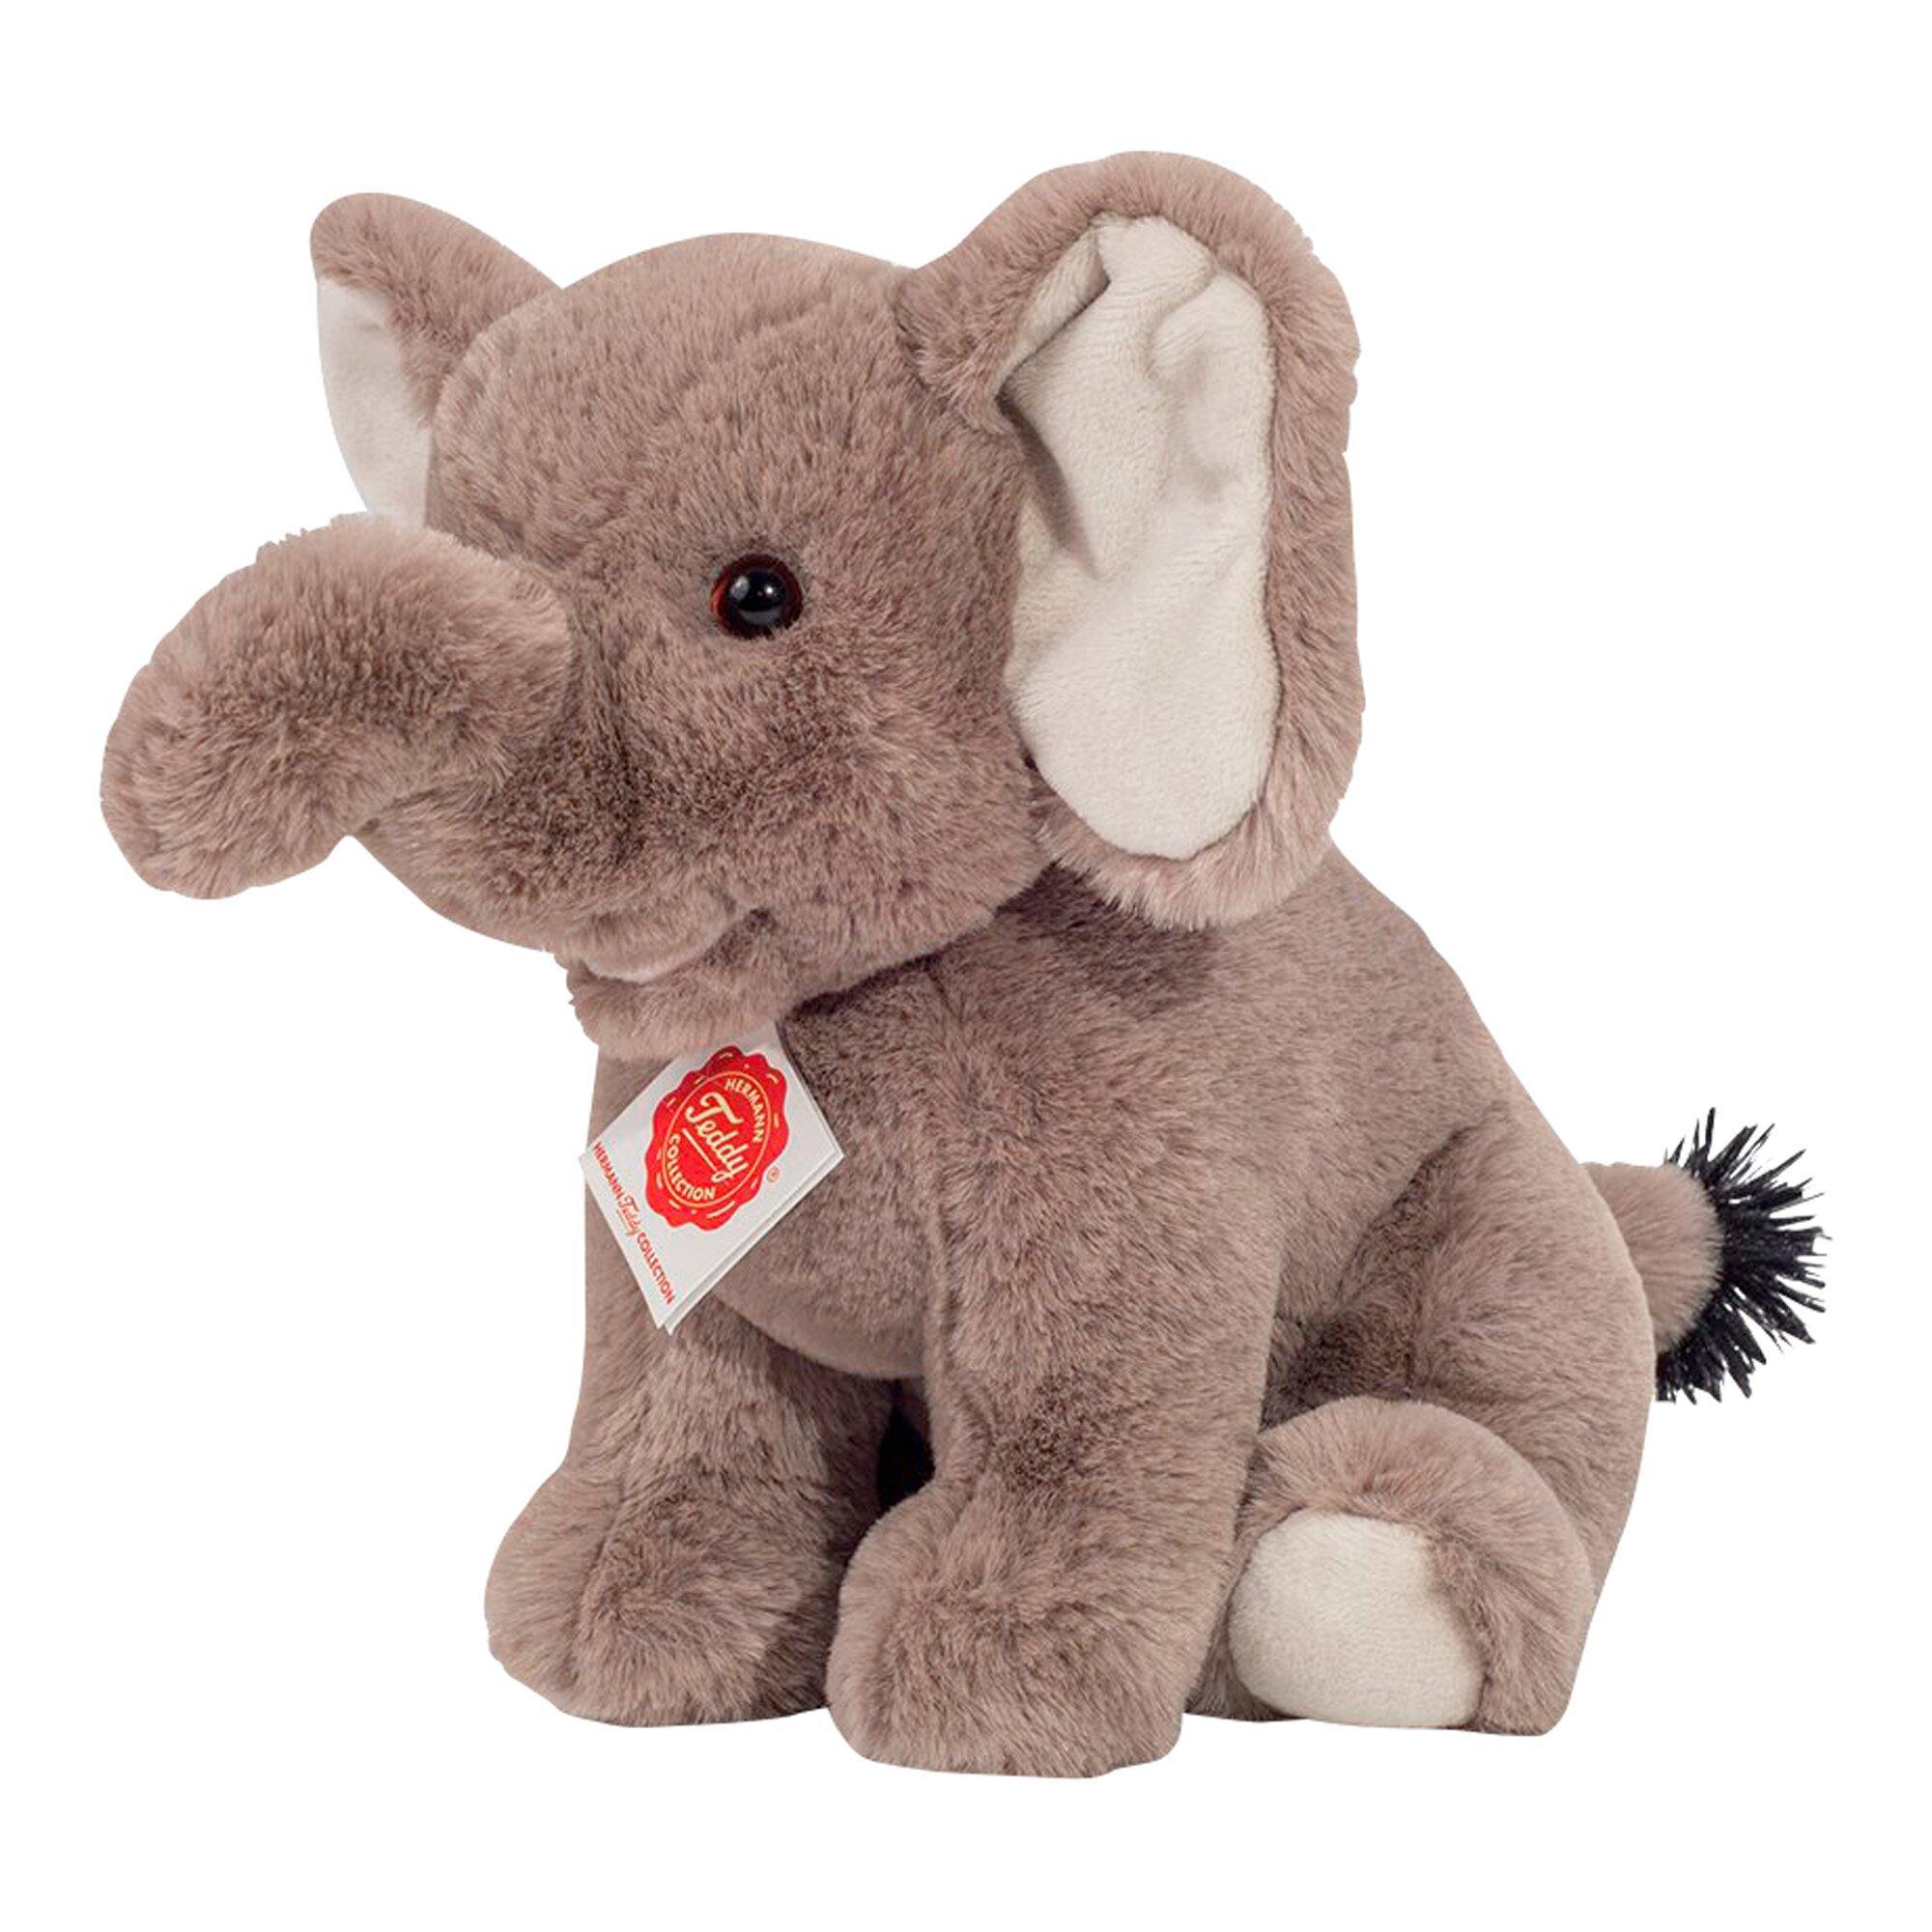 Kuscheltier Elefant sitzend 25 cm